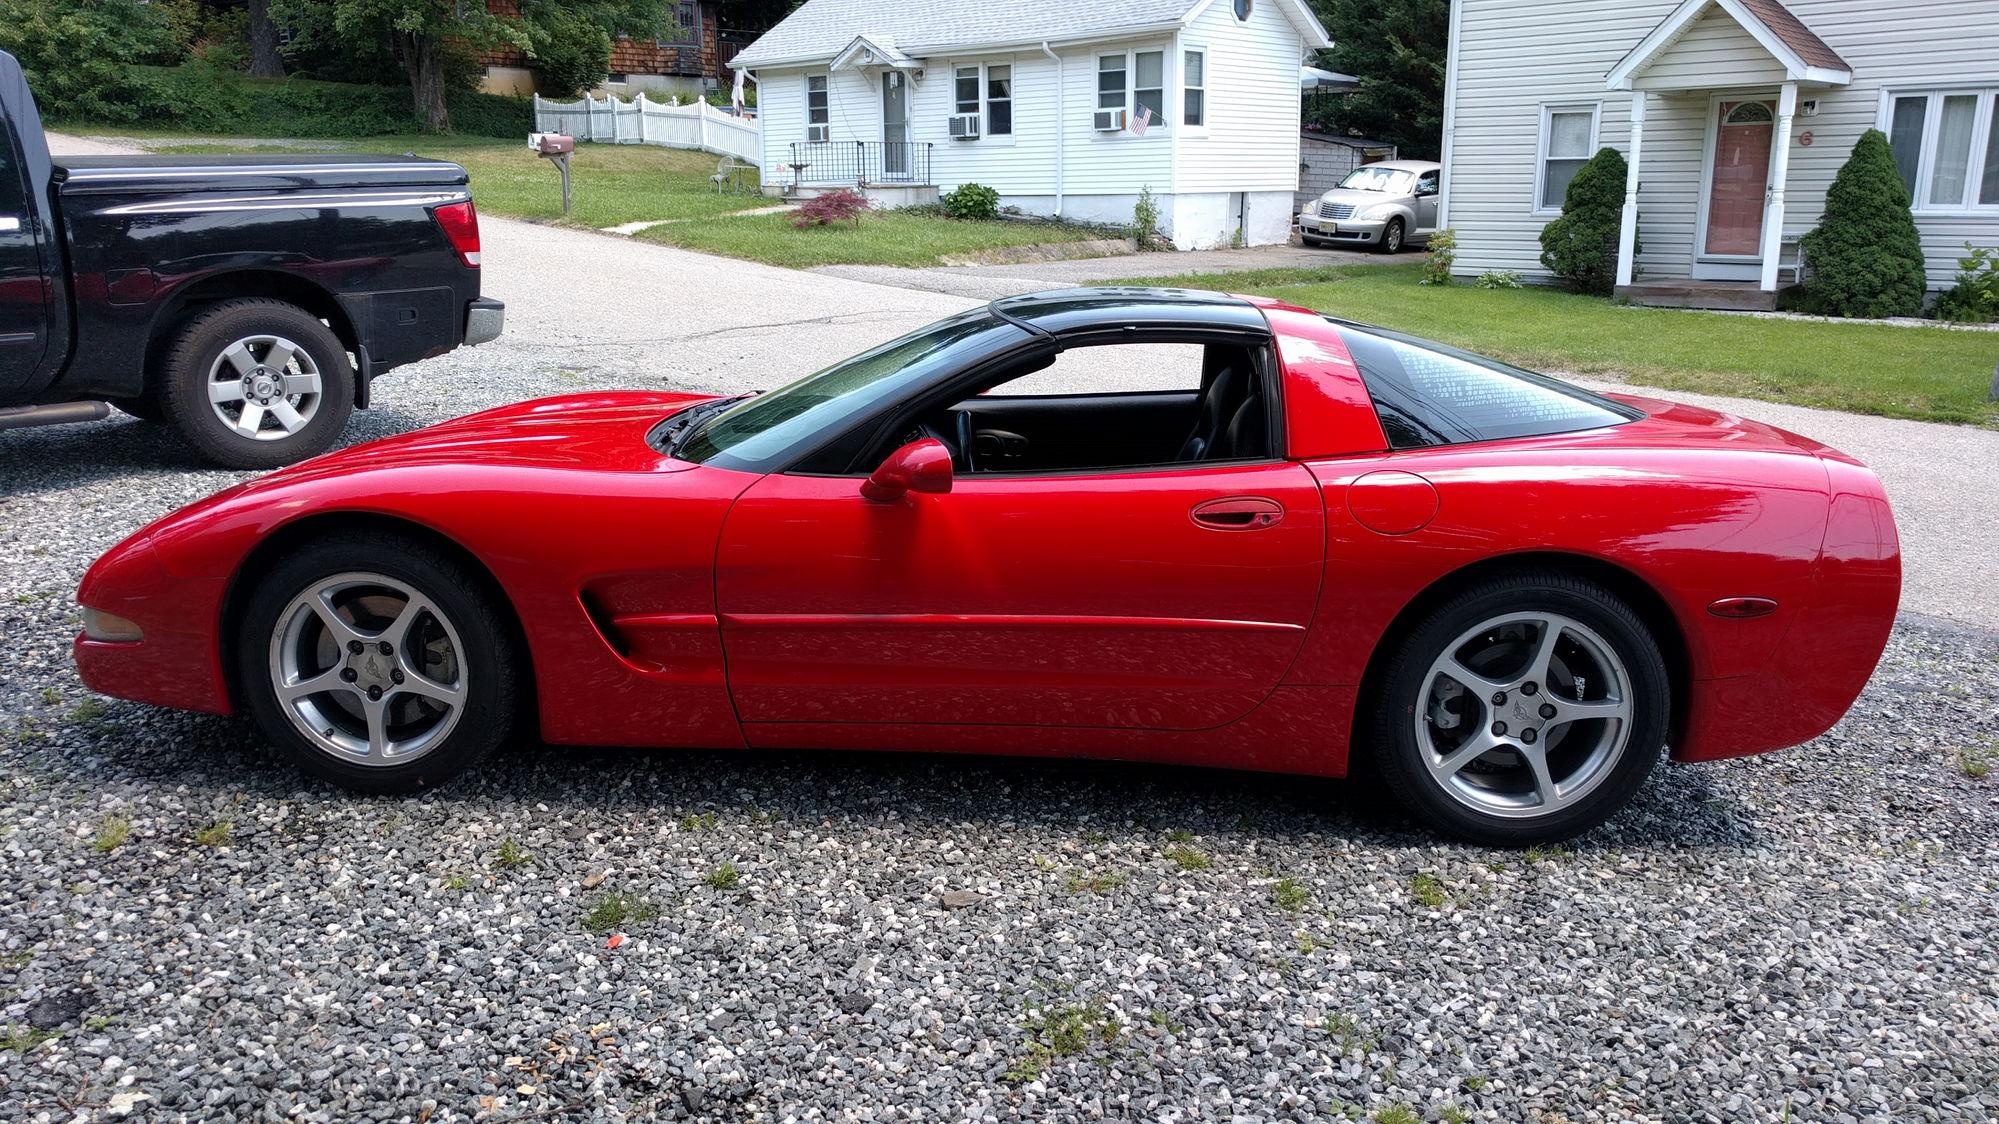 FS: 2000 Corvette Targa Torch Red NJ - $9100 ...